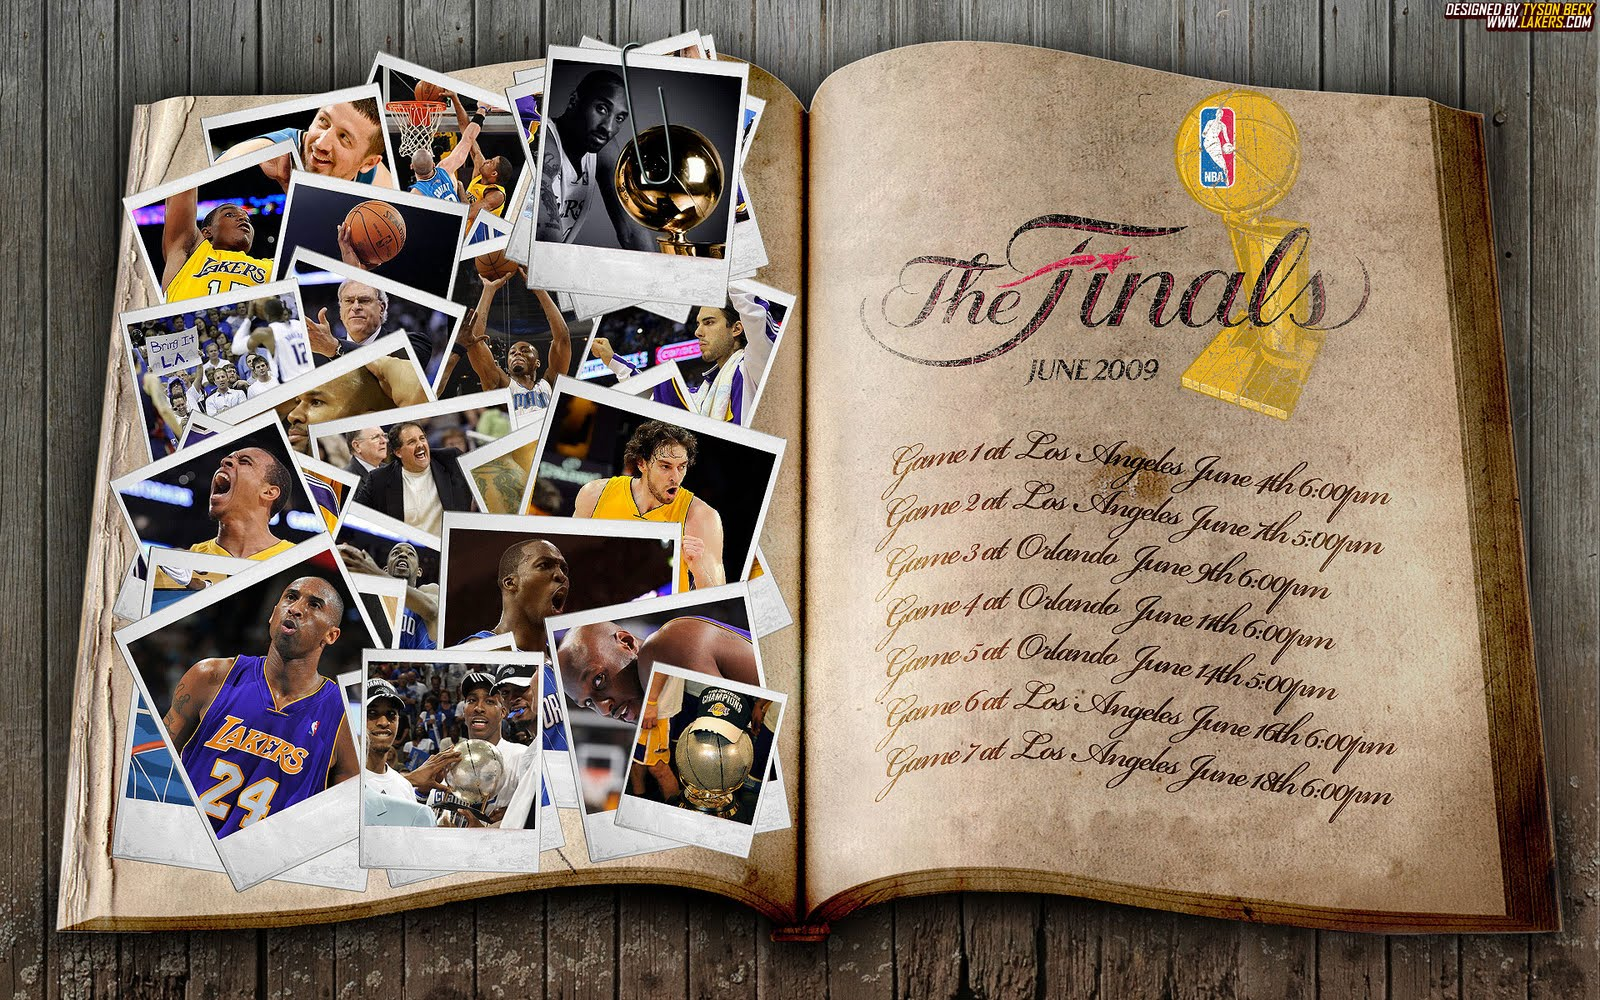 http://3.bp.blogspot.com/_FUqunw1CcGY/TQ5PFTfRuOI/AAAAAAAAAg0/EZwU2OPuB68/s1600/NBA-Finals-2009-Schedule-Wallpaper.jpg